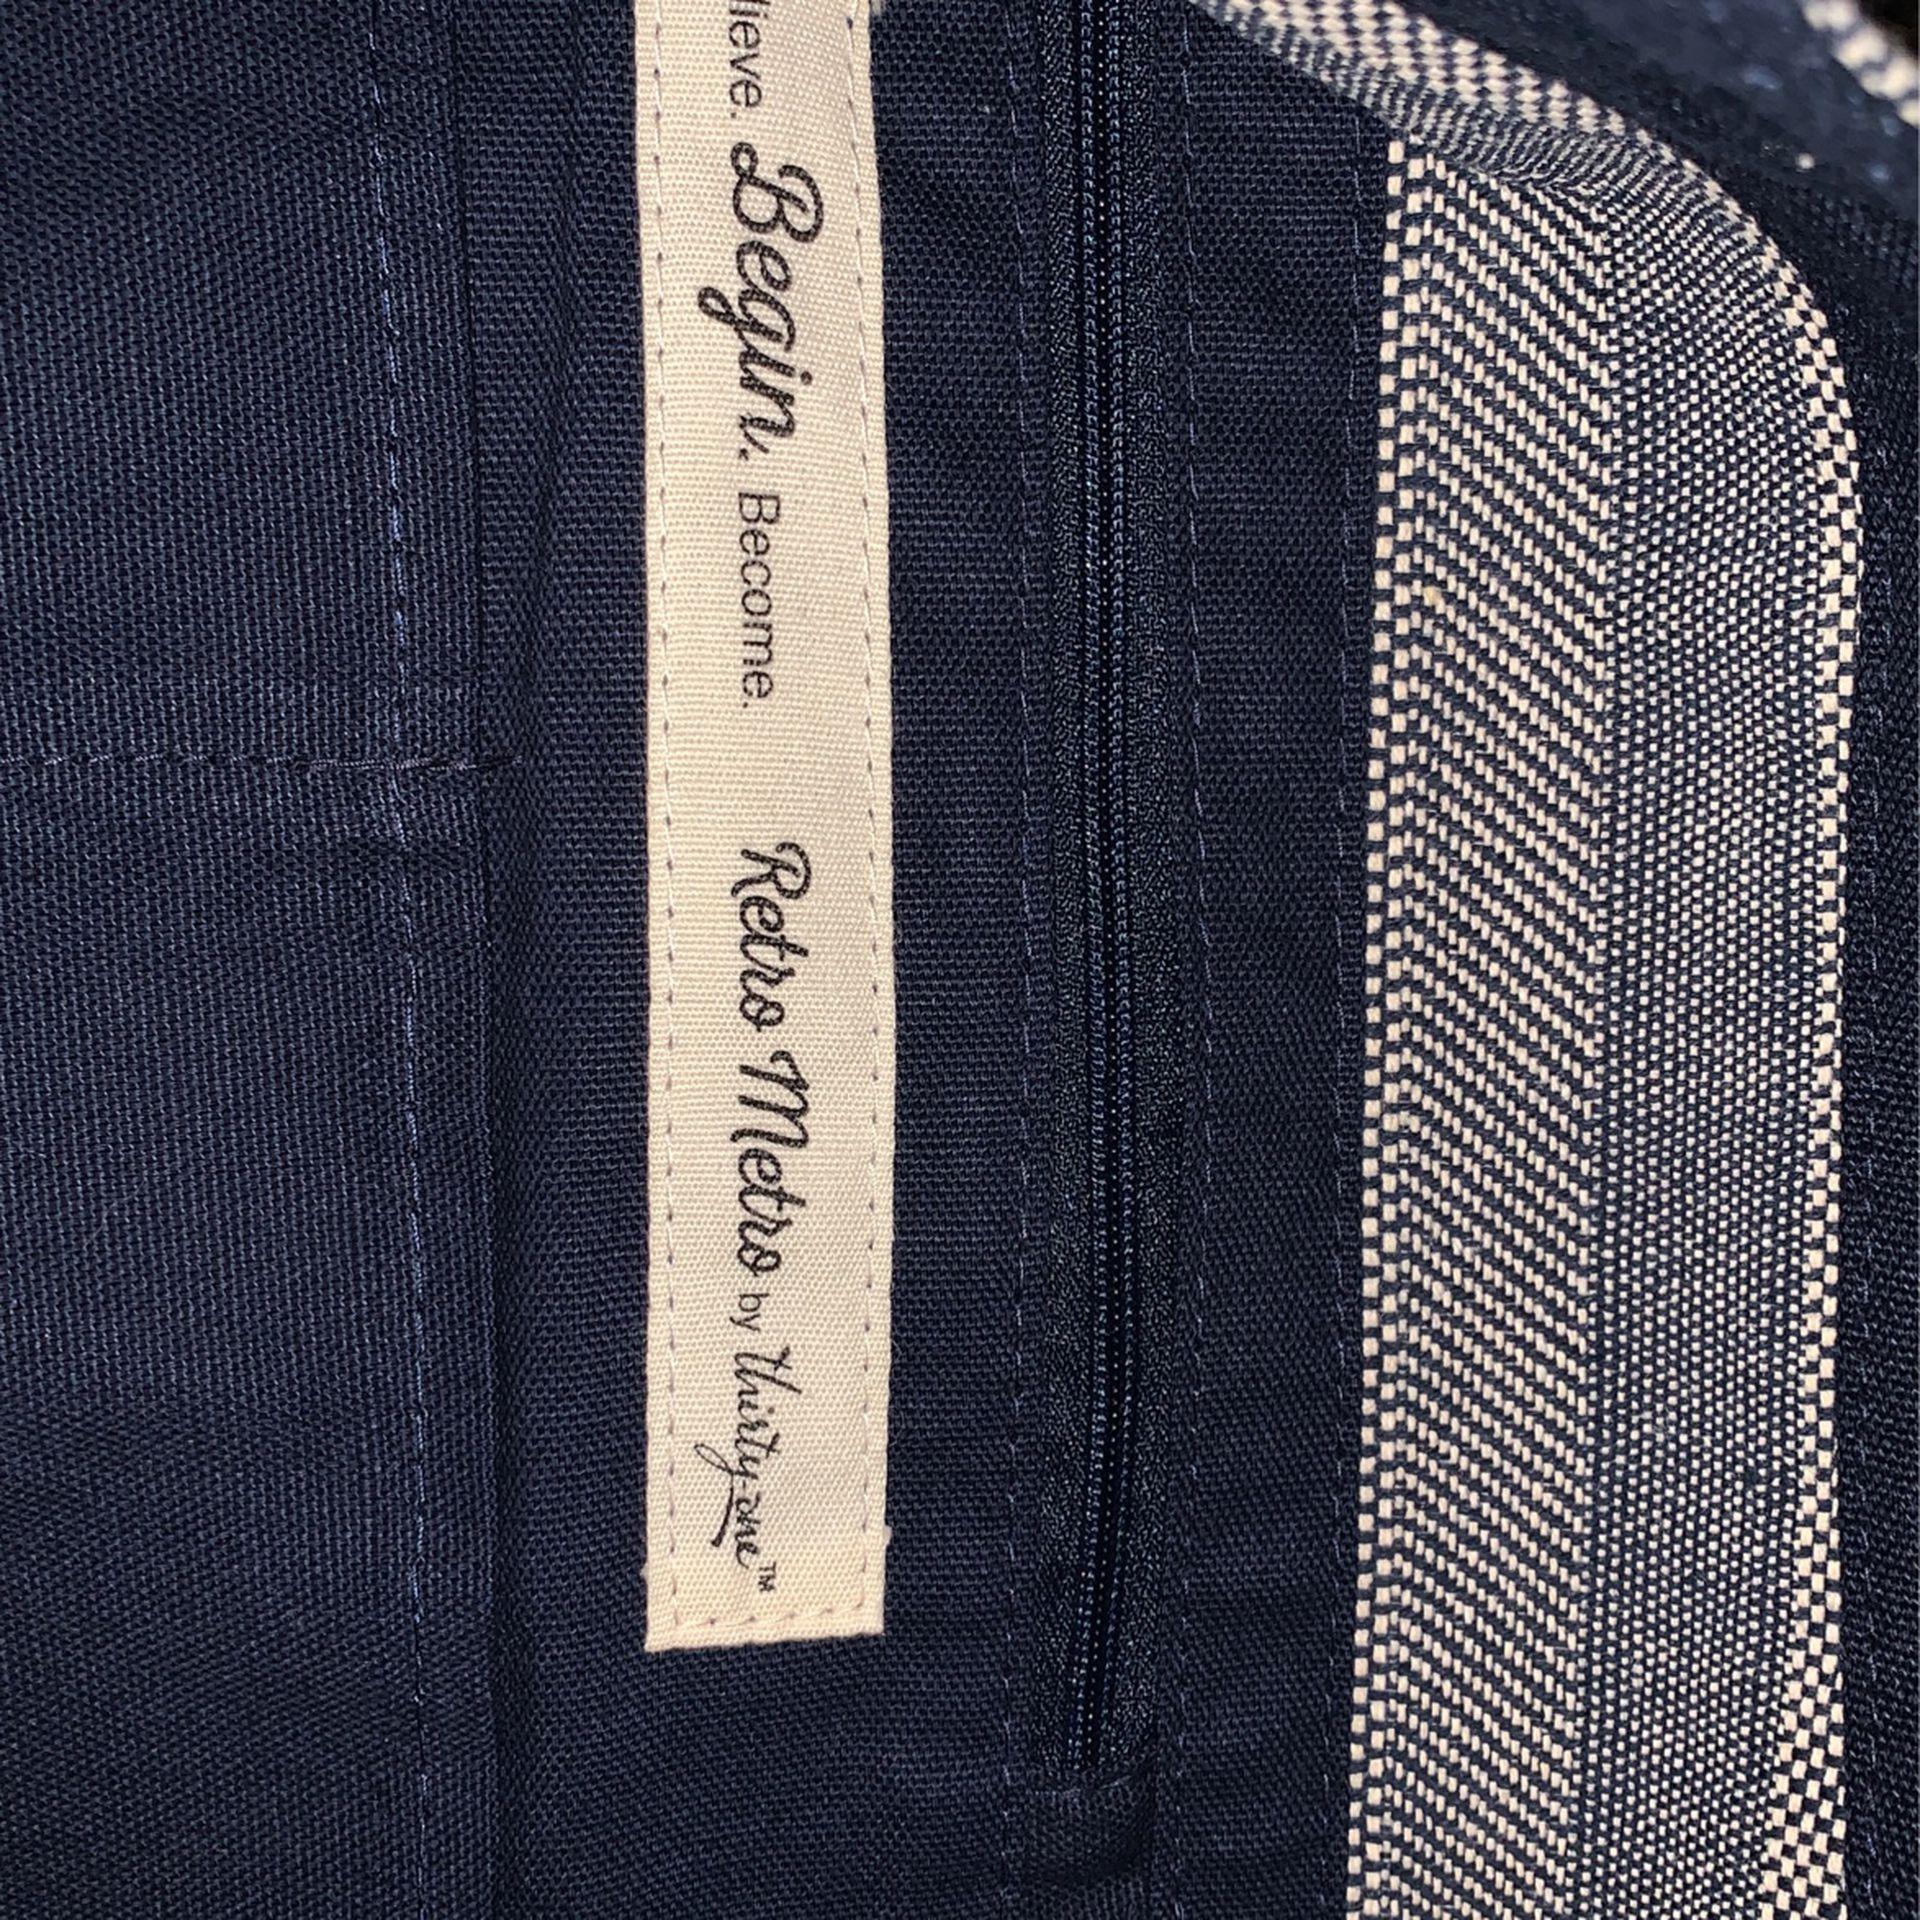 Retro Metro Hobo Bag in Woven Stripe